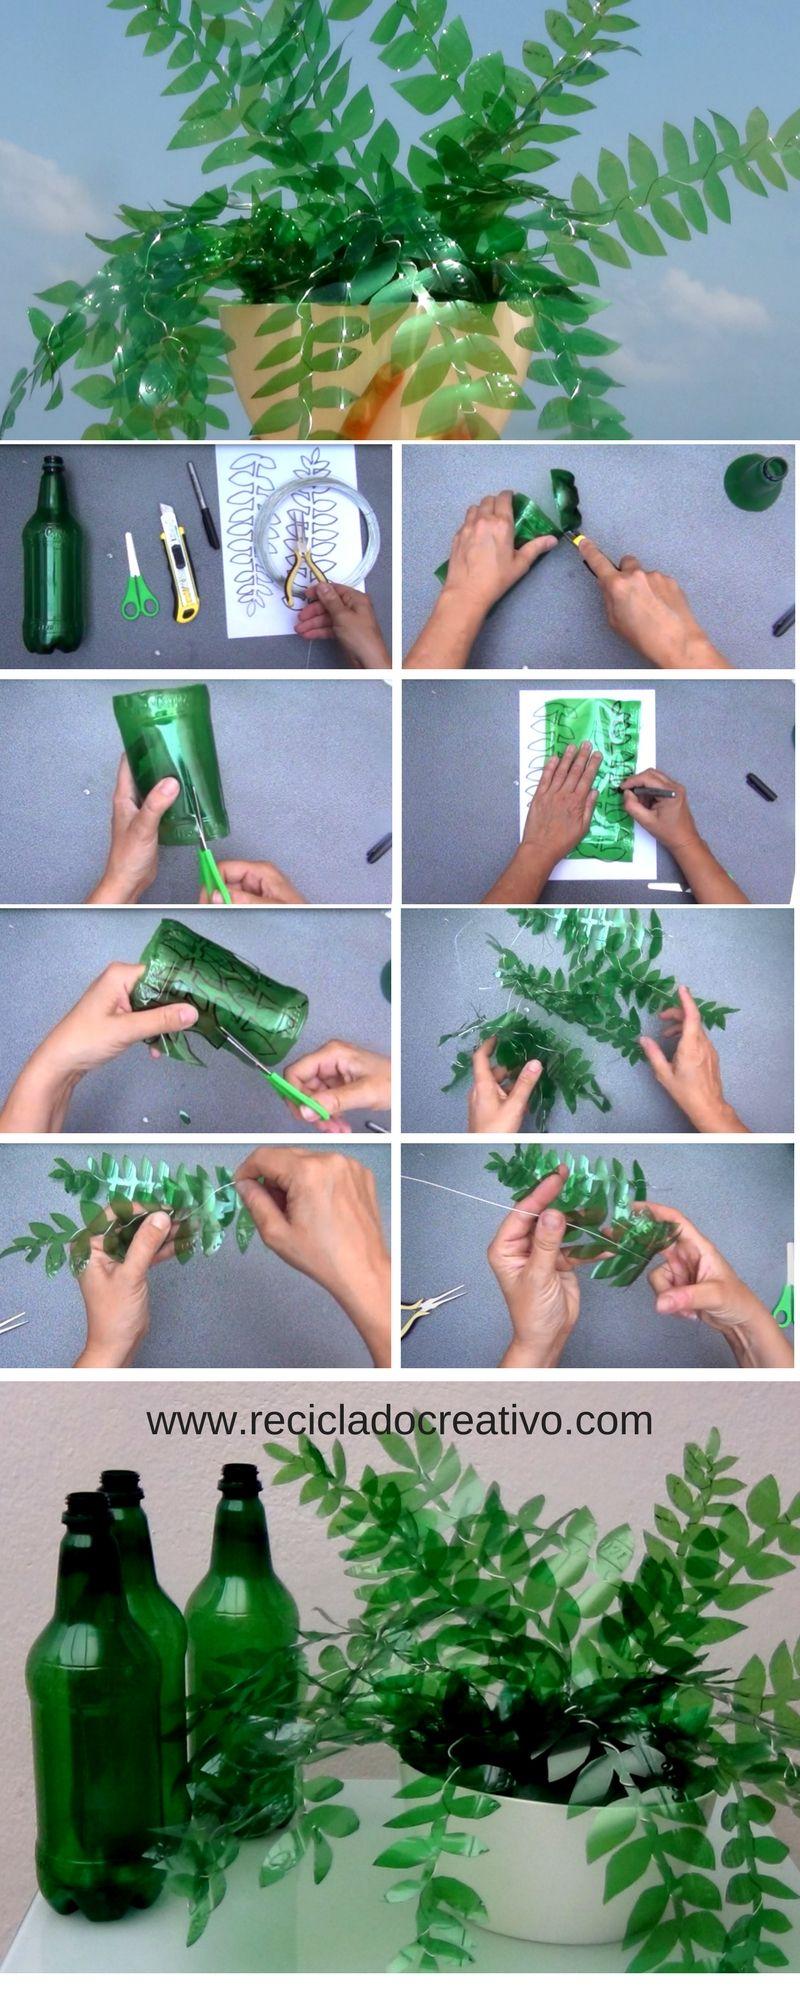 Paso A Paso Hojas Verdes Bon Botellas De Plastico Reciclar